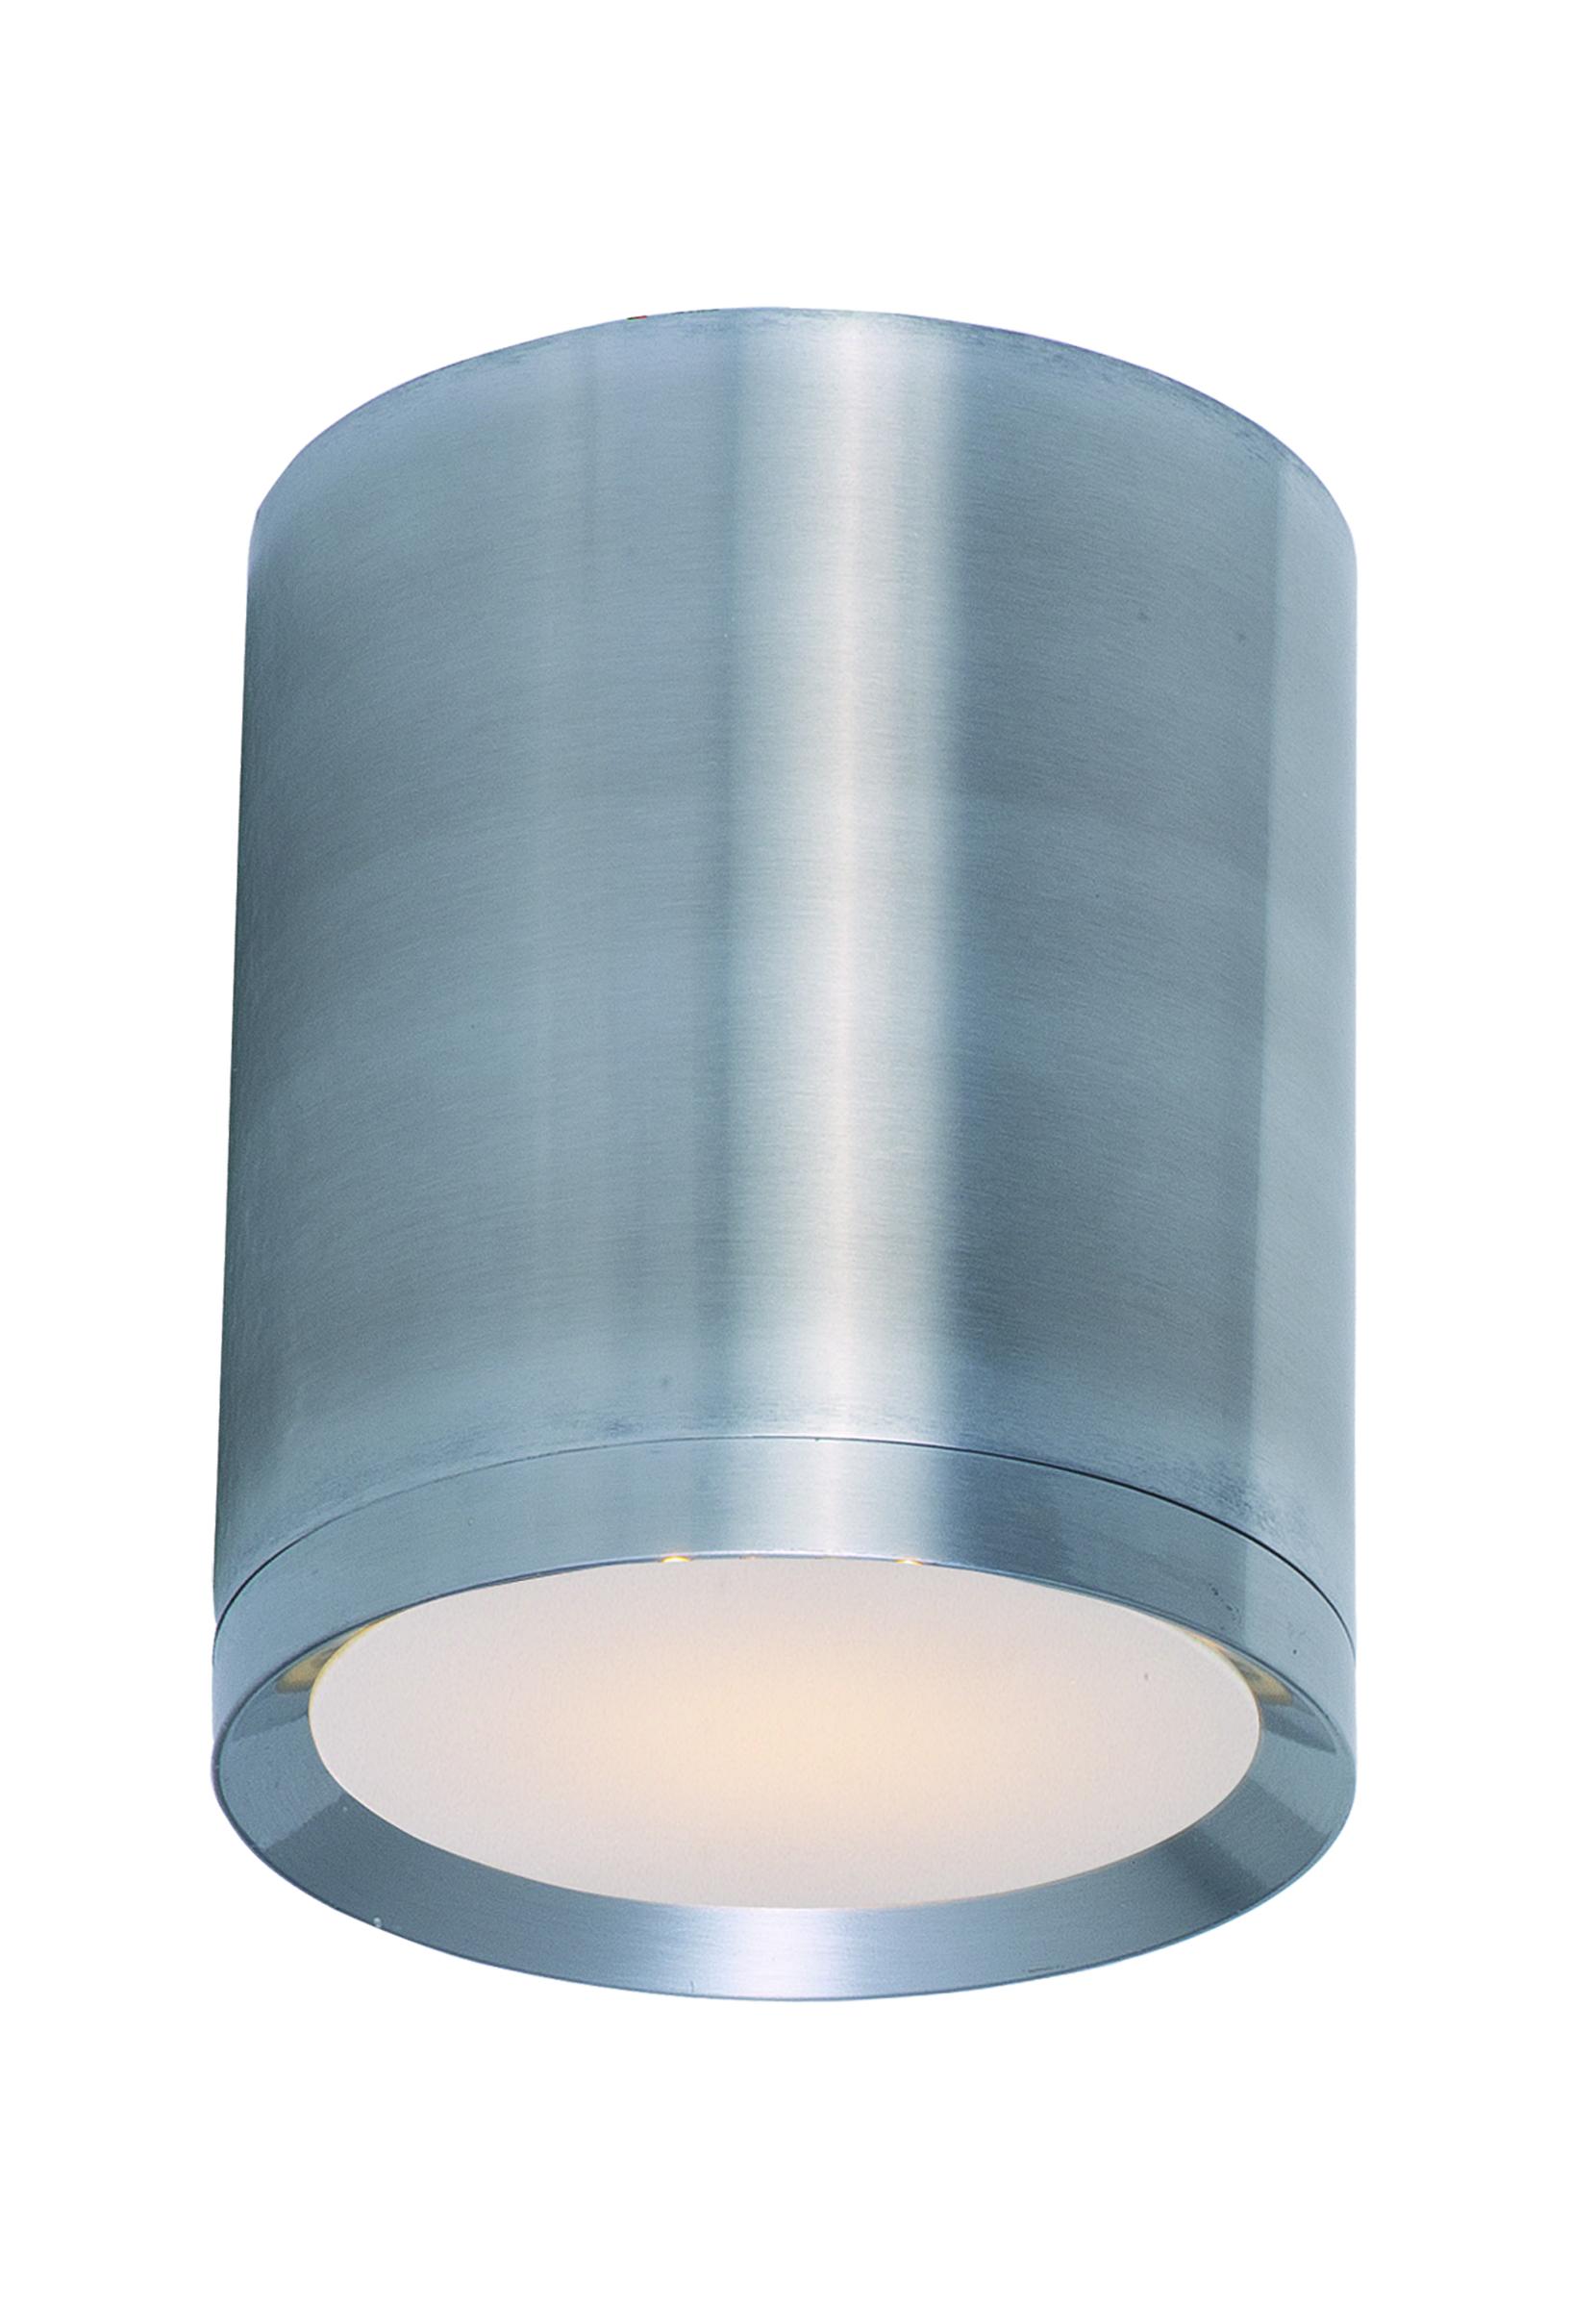 Lightray led 1 light flush mount outdoor maxim lighting for Exterior flush mount light fixtures